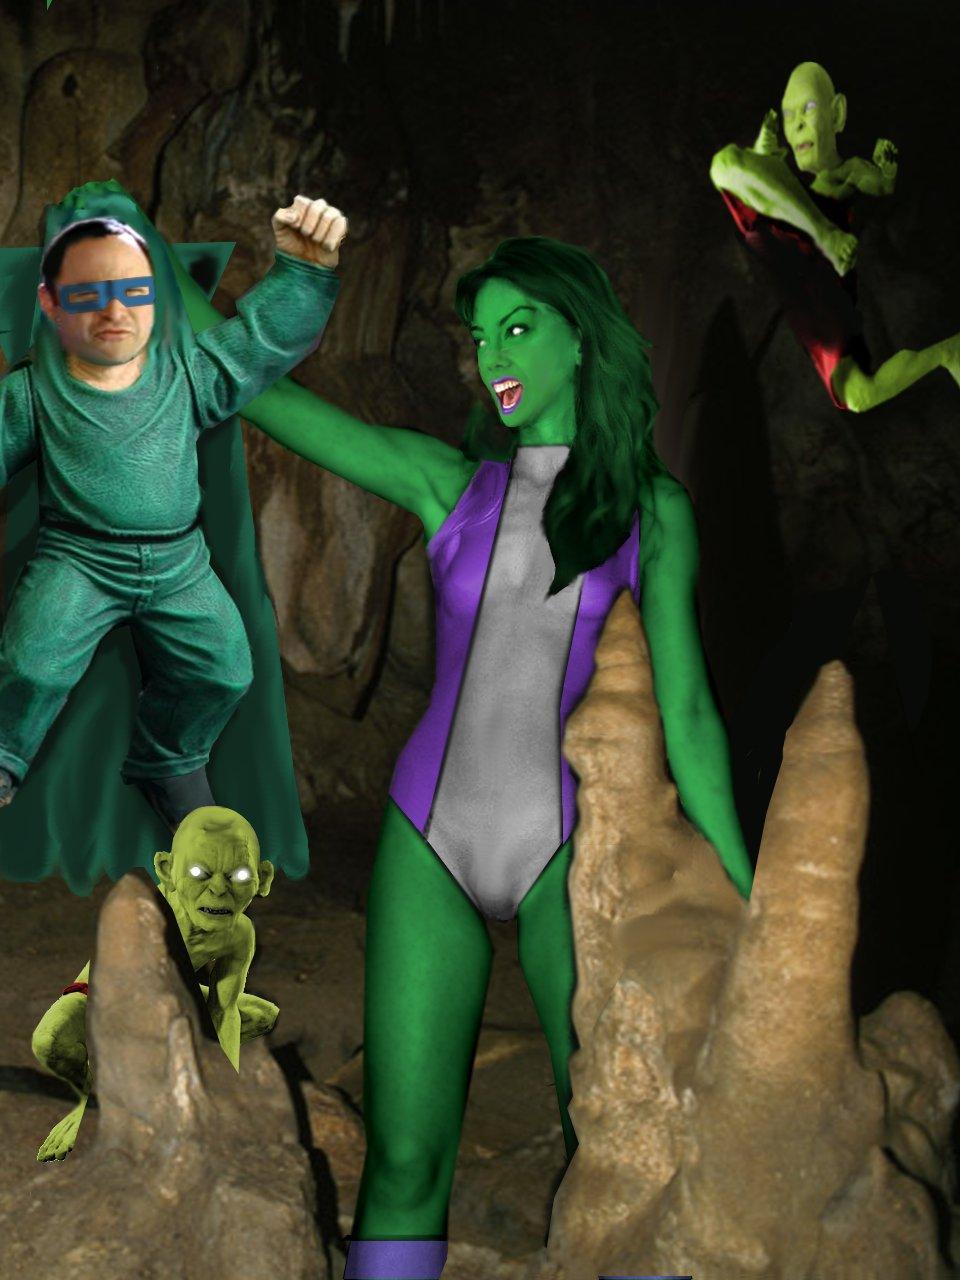 She Hulk vs the Mole Men